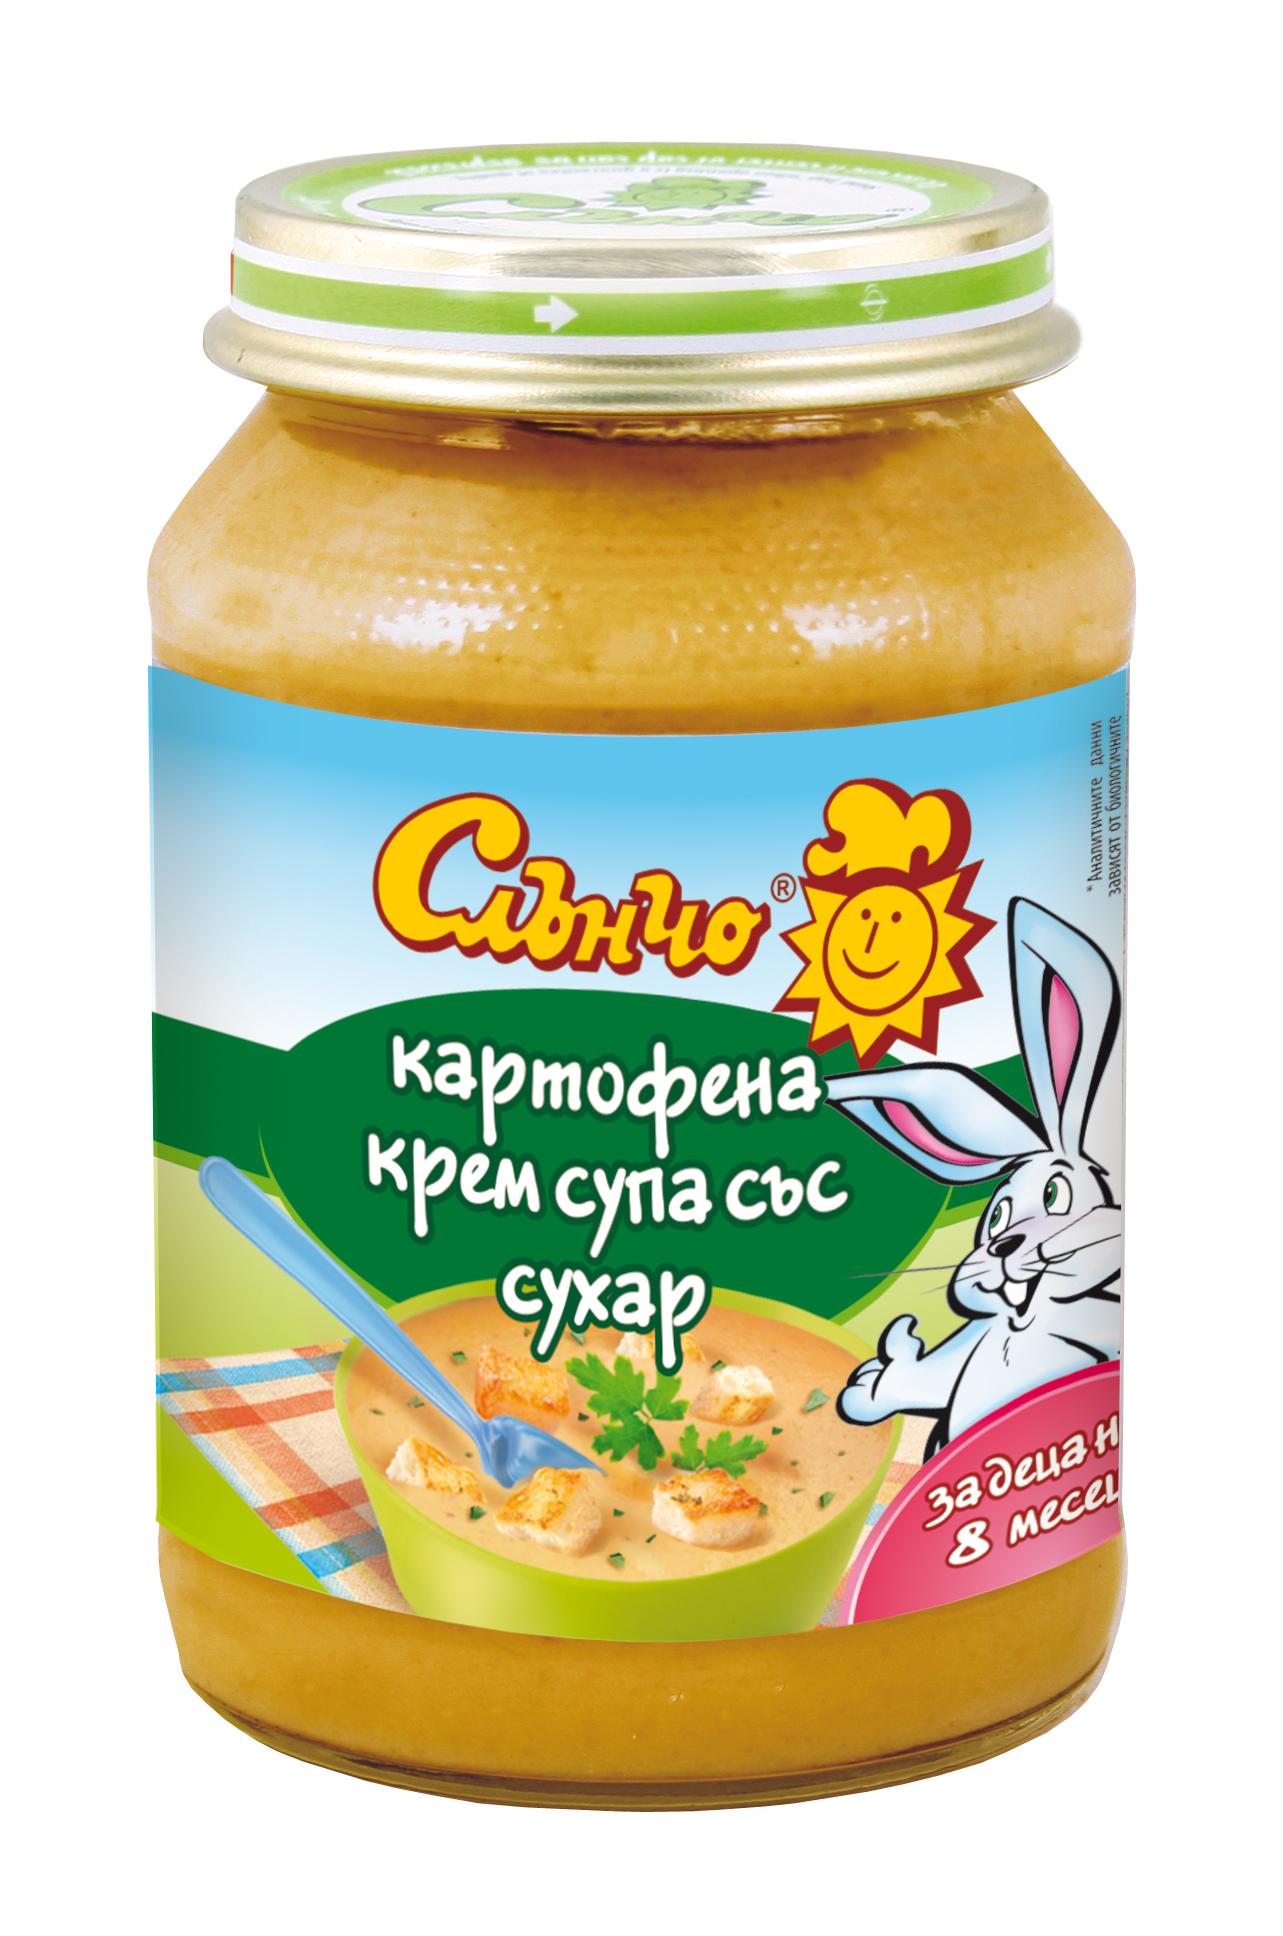 kartofena-krem-supa-sys-suhar-BG